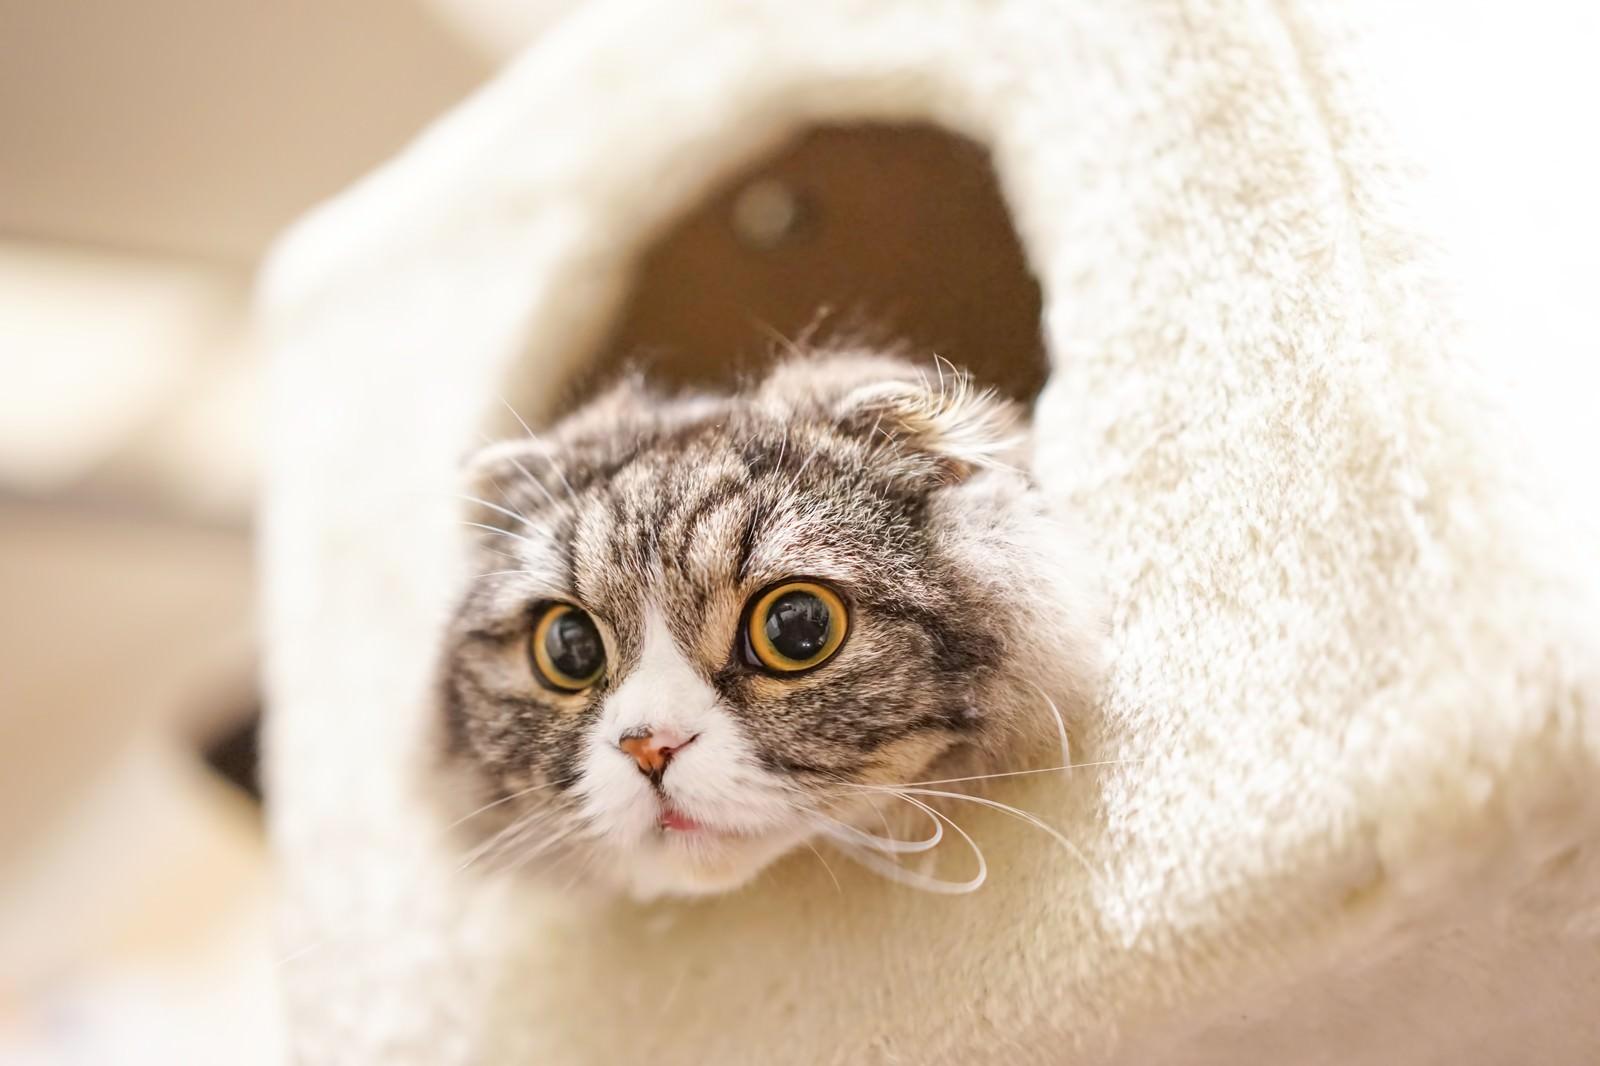 「ボックスから顔だけだして下を見ているオス猫(スコティッシュフォールド)」の写真